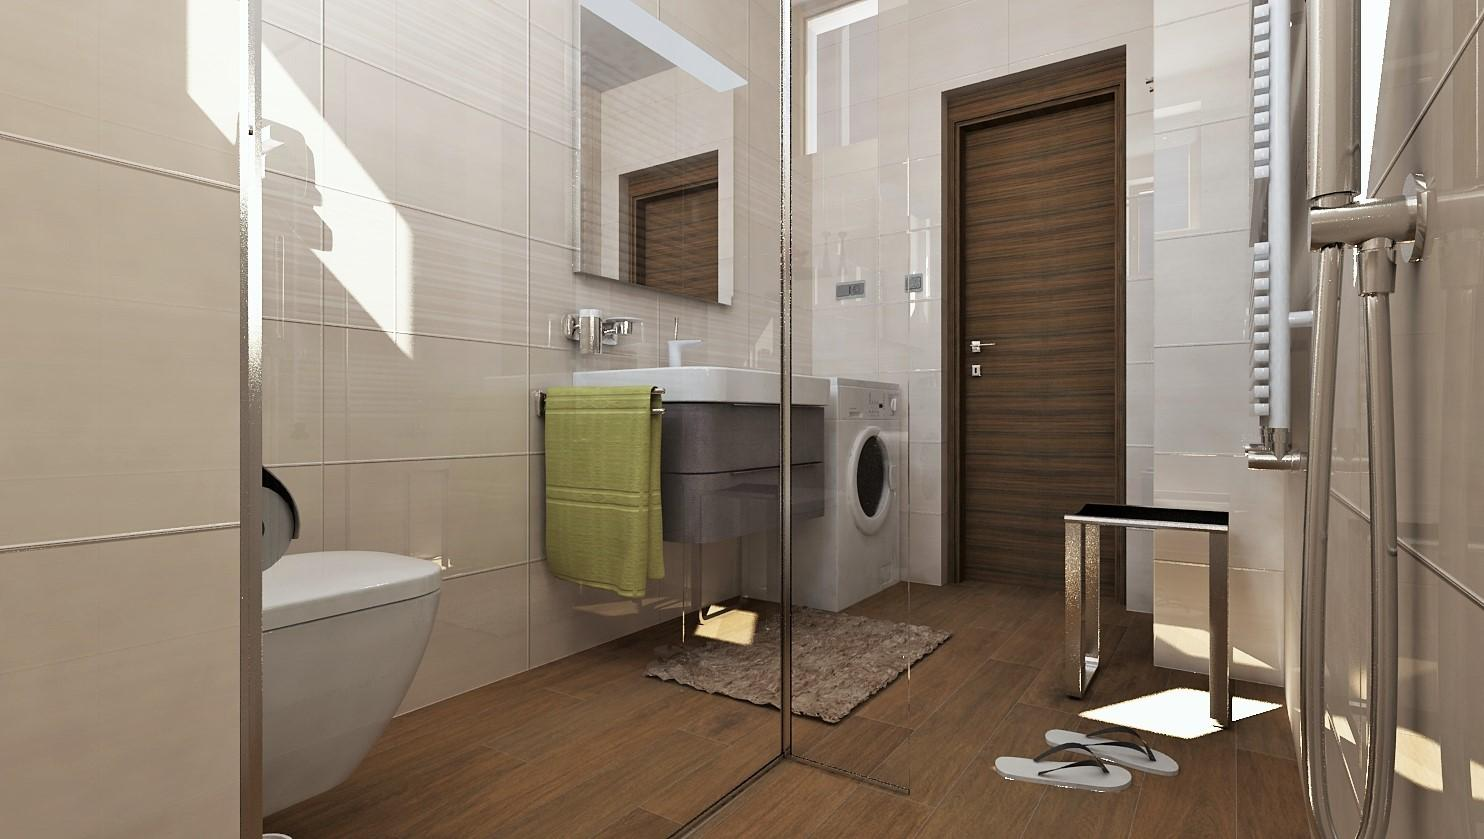 Návrhy a vizualizácie kúpeľní - Obrázok č. 13